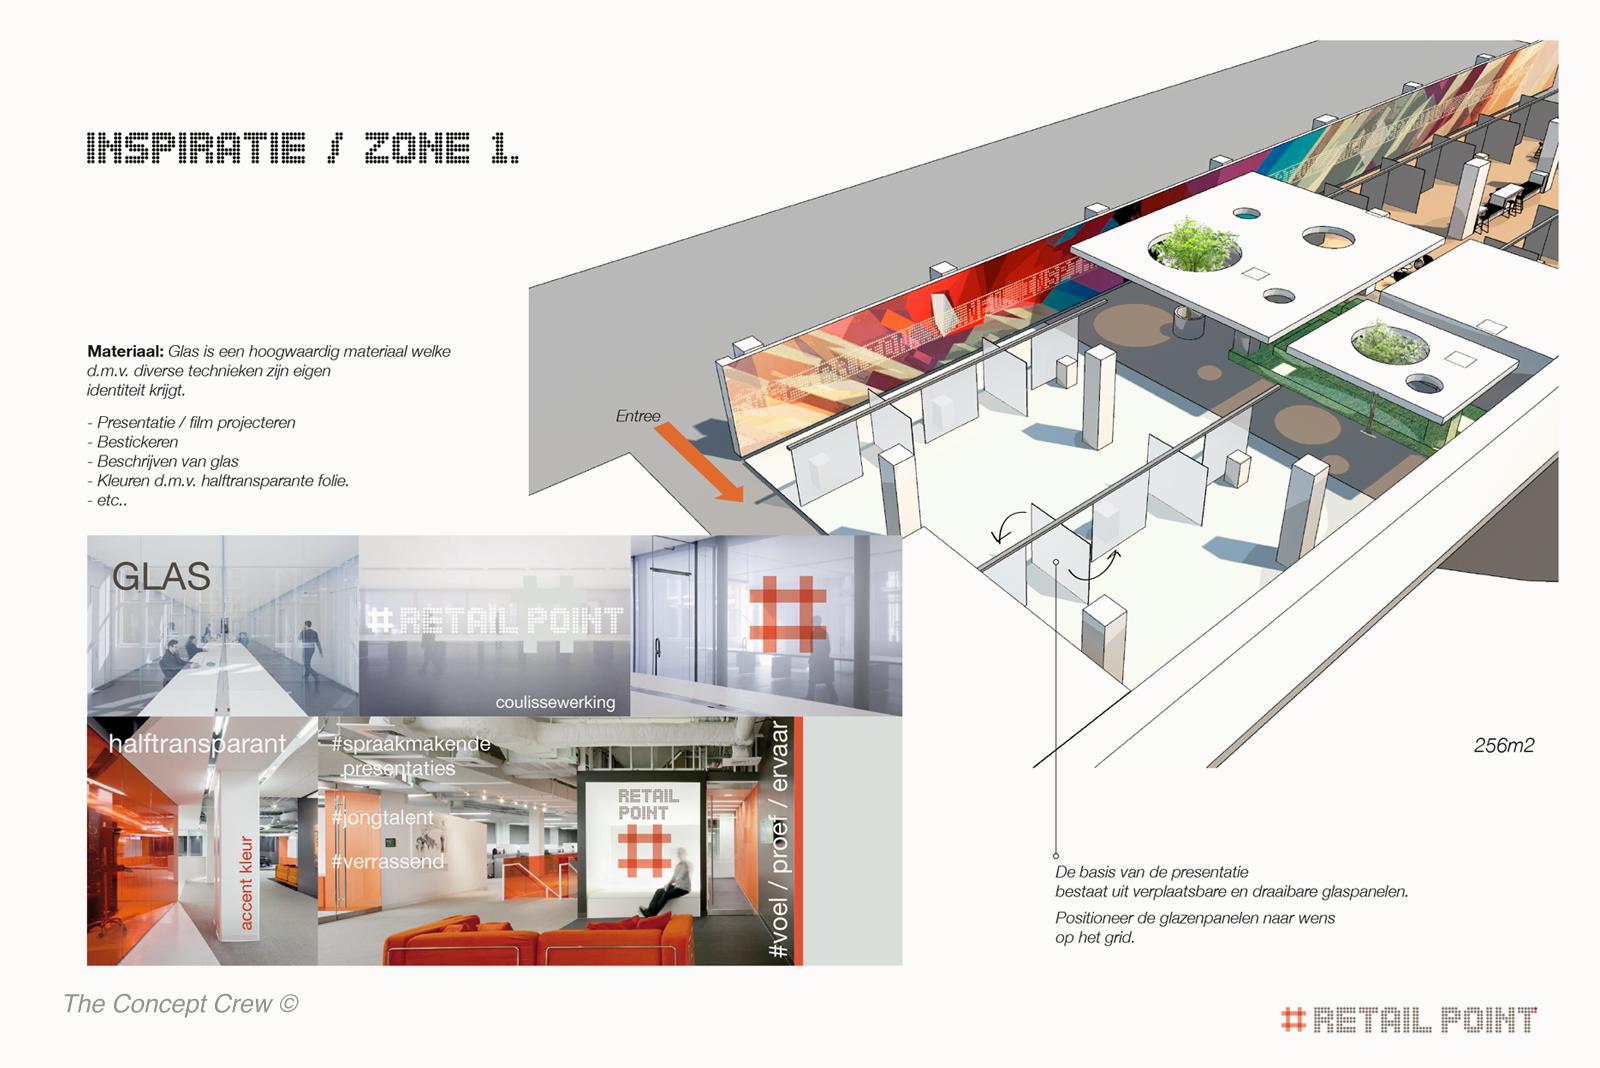 vormwerk_portfolio-interieur_05